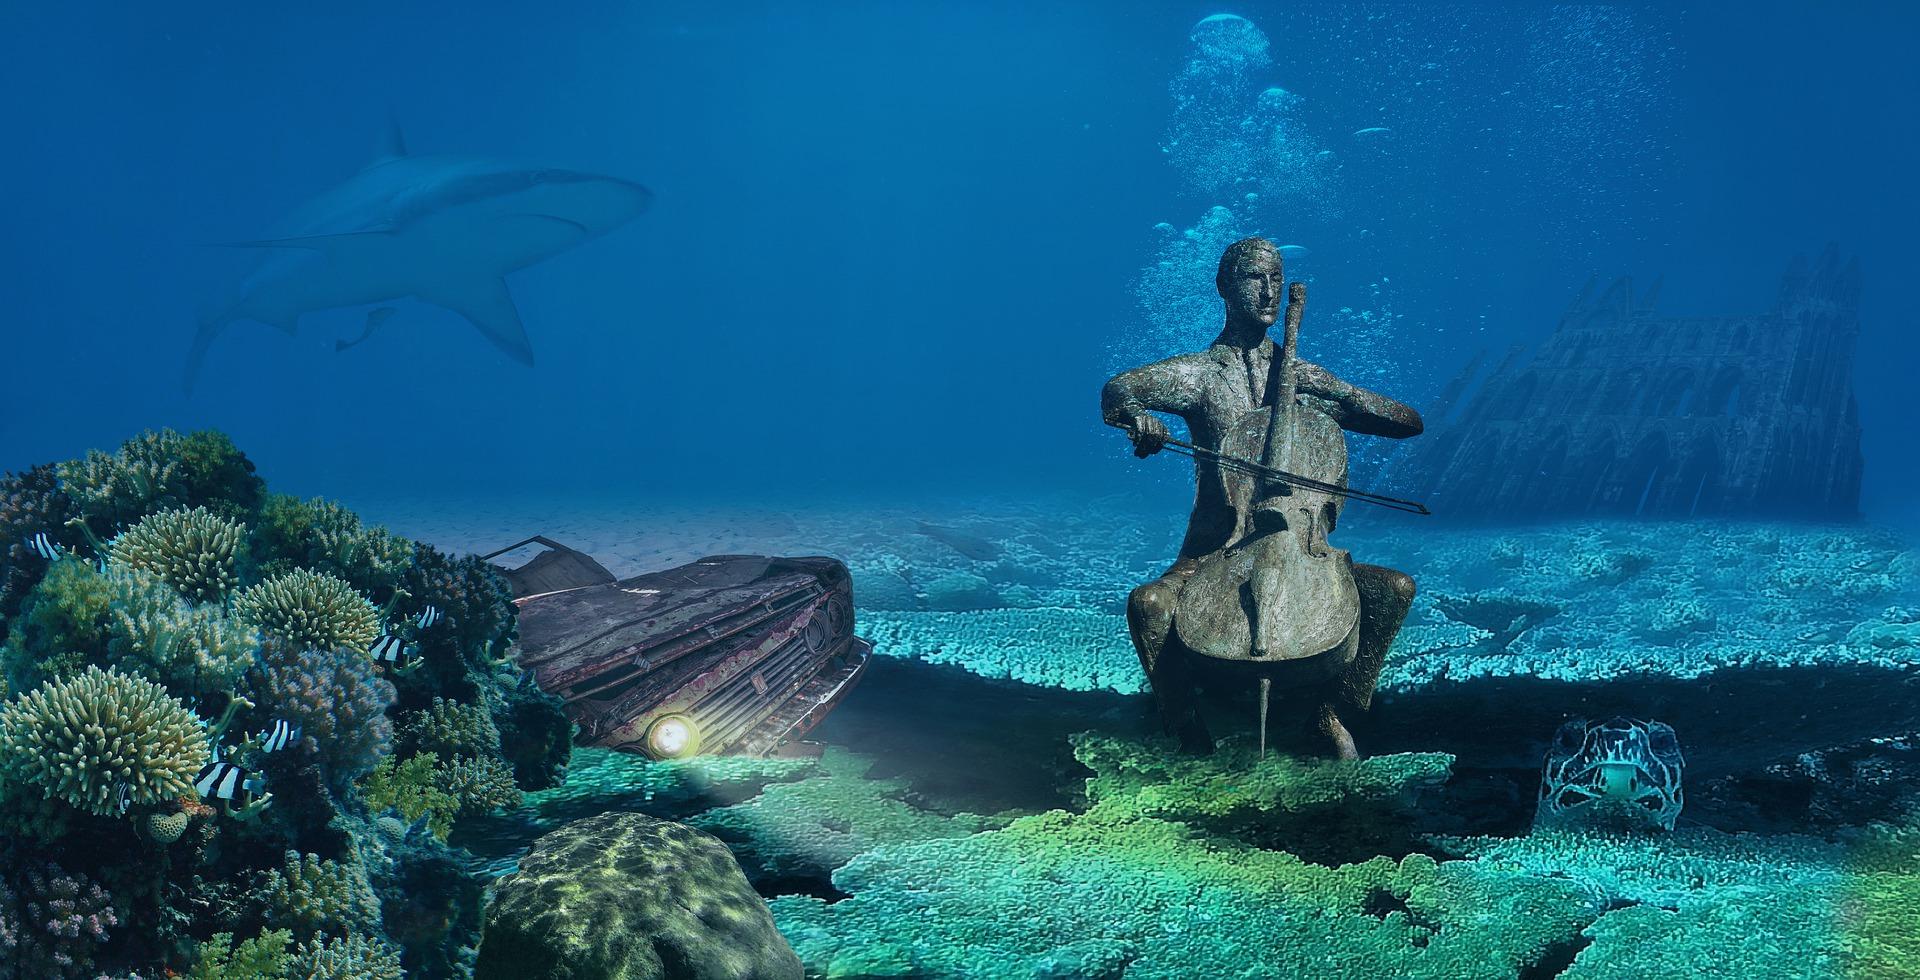 Chello im Meer